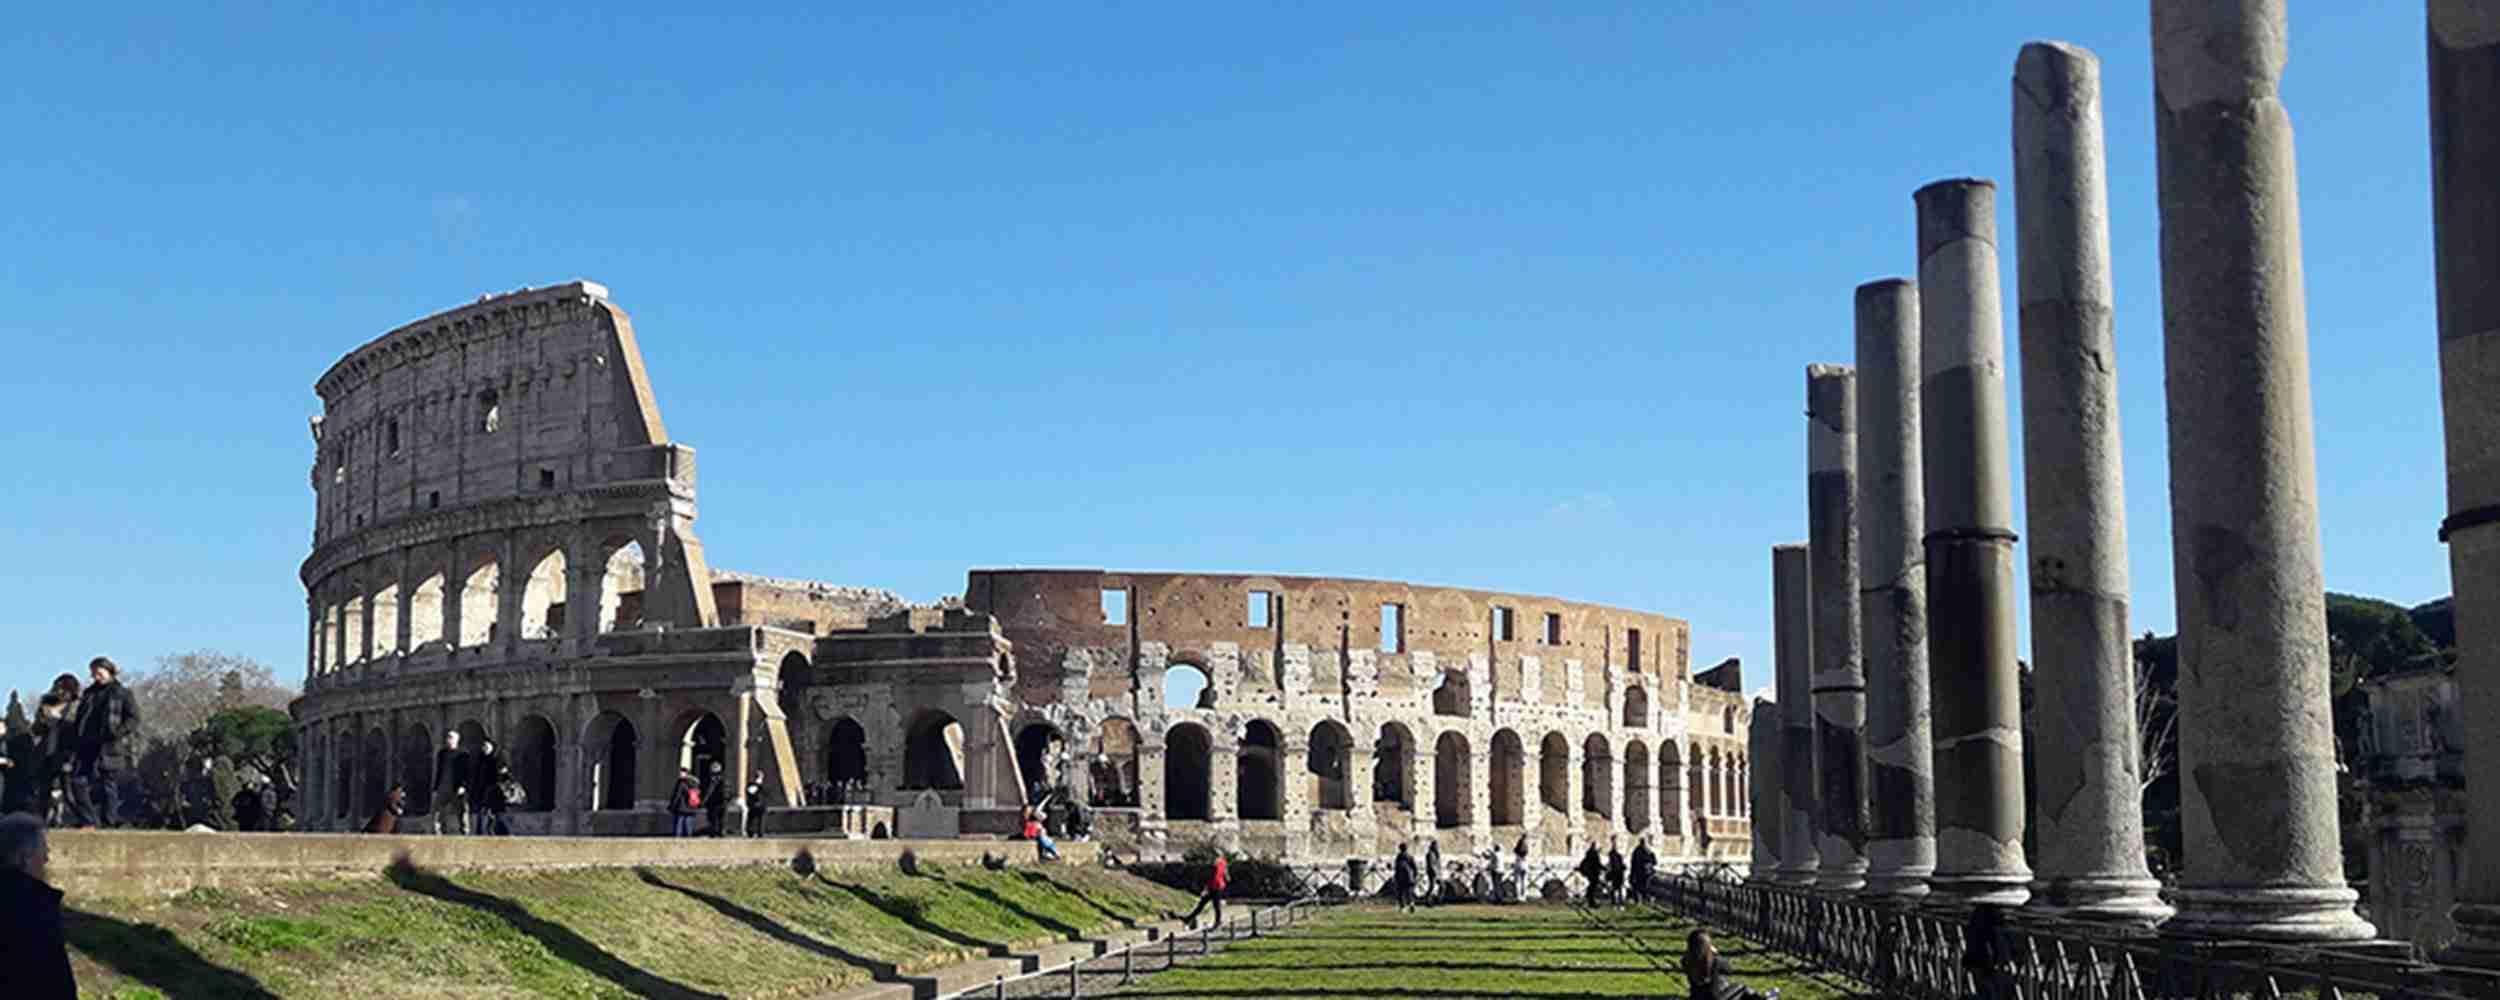 Visite guidate a Roma